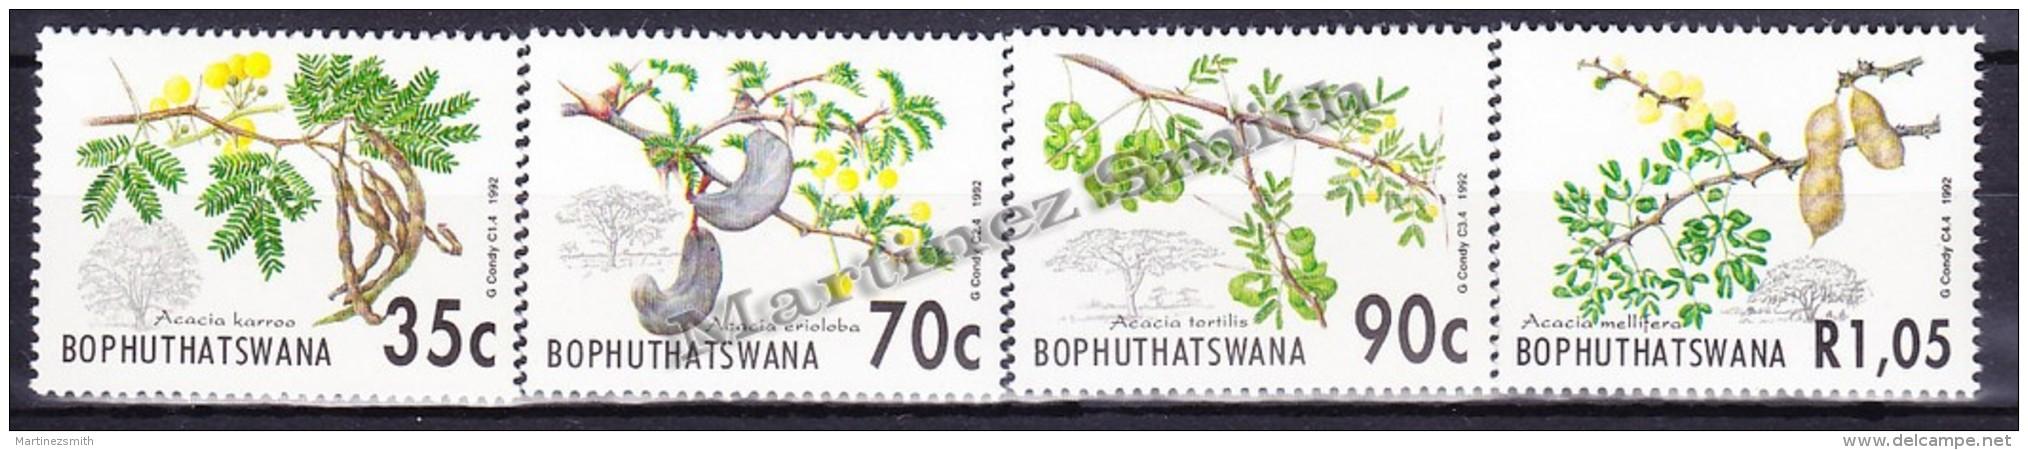 South Africa - Afrique Du Sud - Bophuthatswana 1992 Yvert 281 - 84, Flowers, Acacia - MNH - Ungebraucht